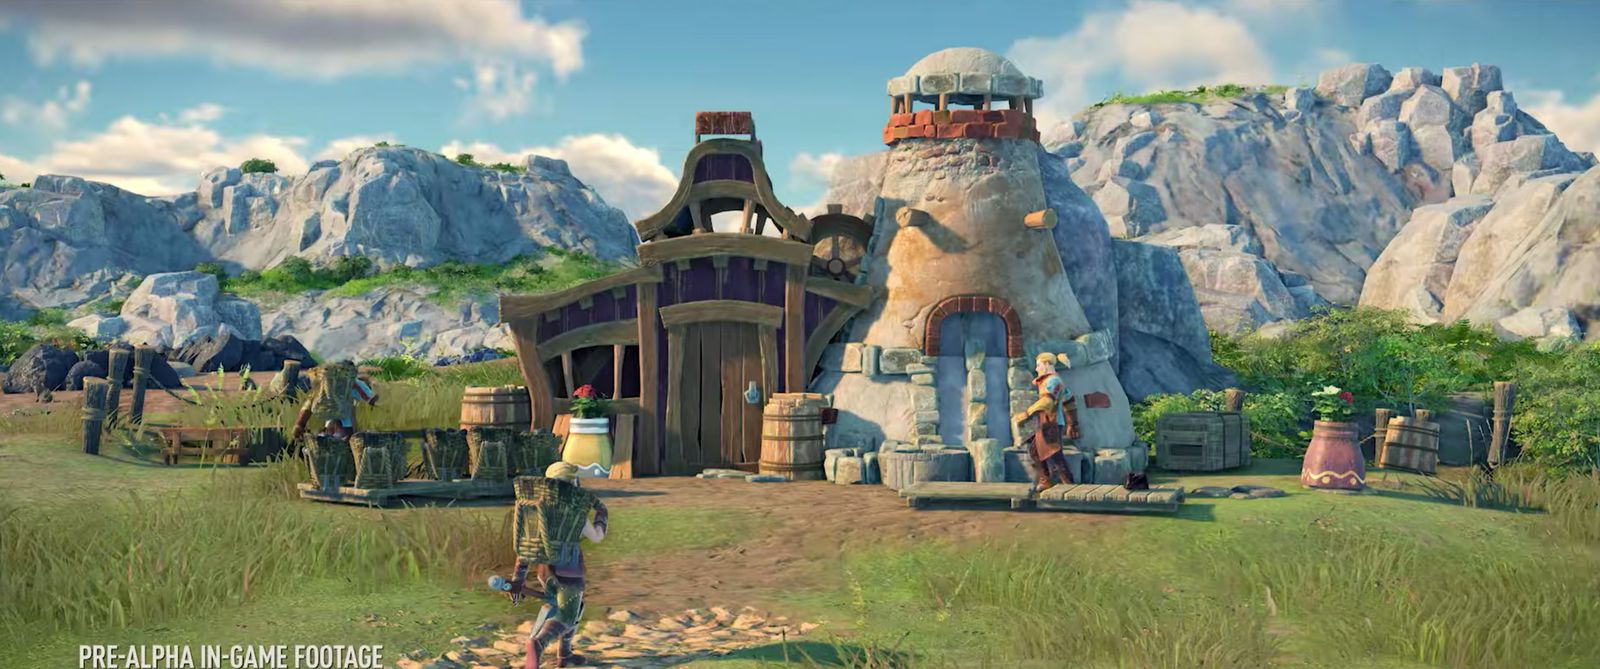 EINMALIGE VERWENDUNG Gamescom Highlights 2019/ Die Siedler/ Ubisoft